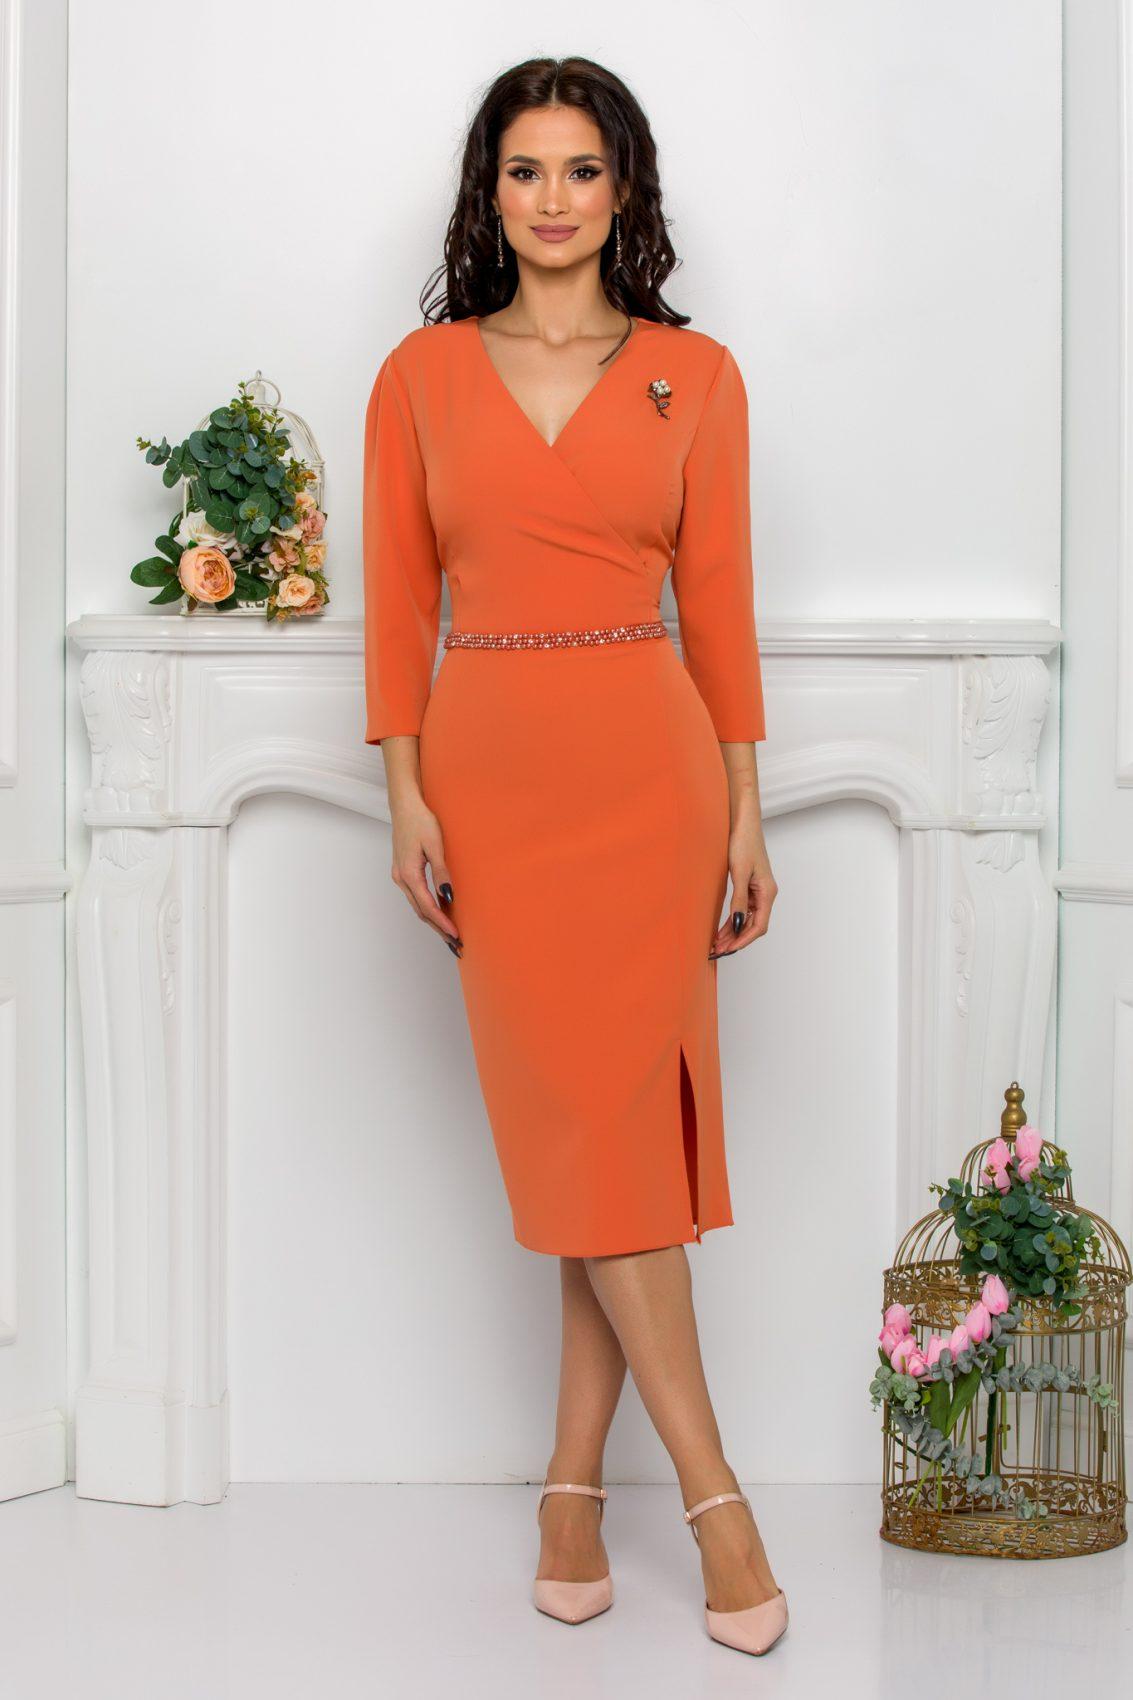 Πορτοκαλί Φόρεμα Με Πέρλες Johanna 9548 1